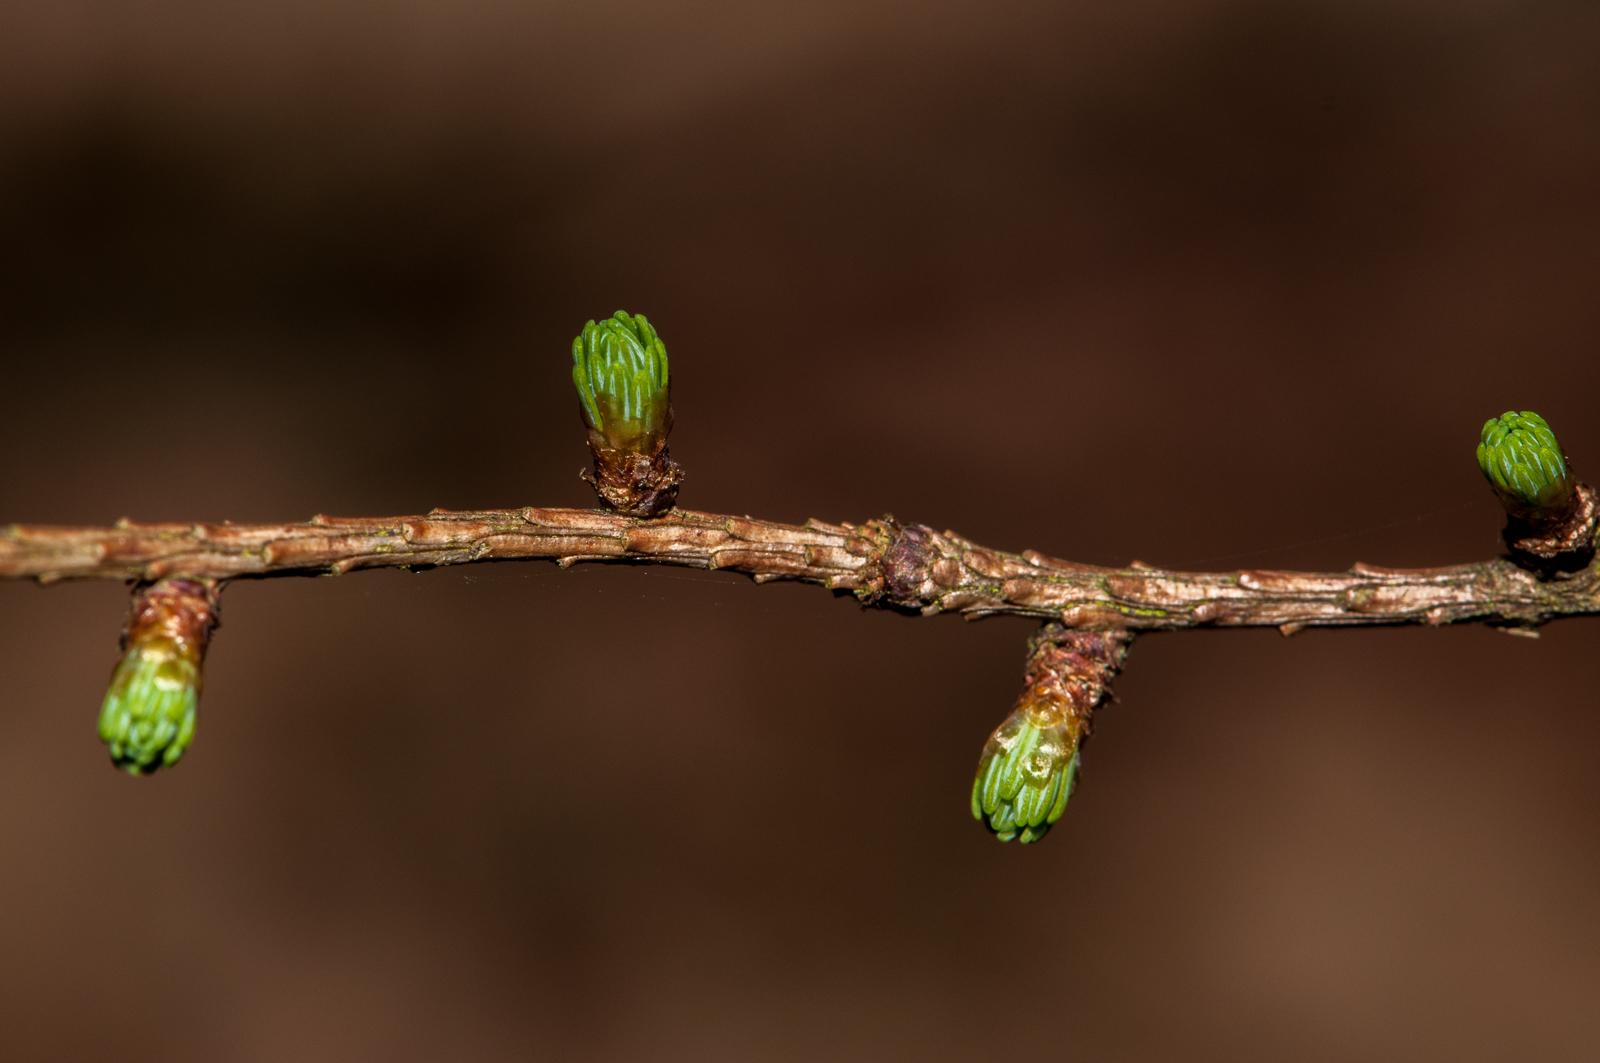 Grønne knopper